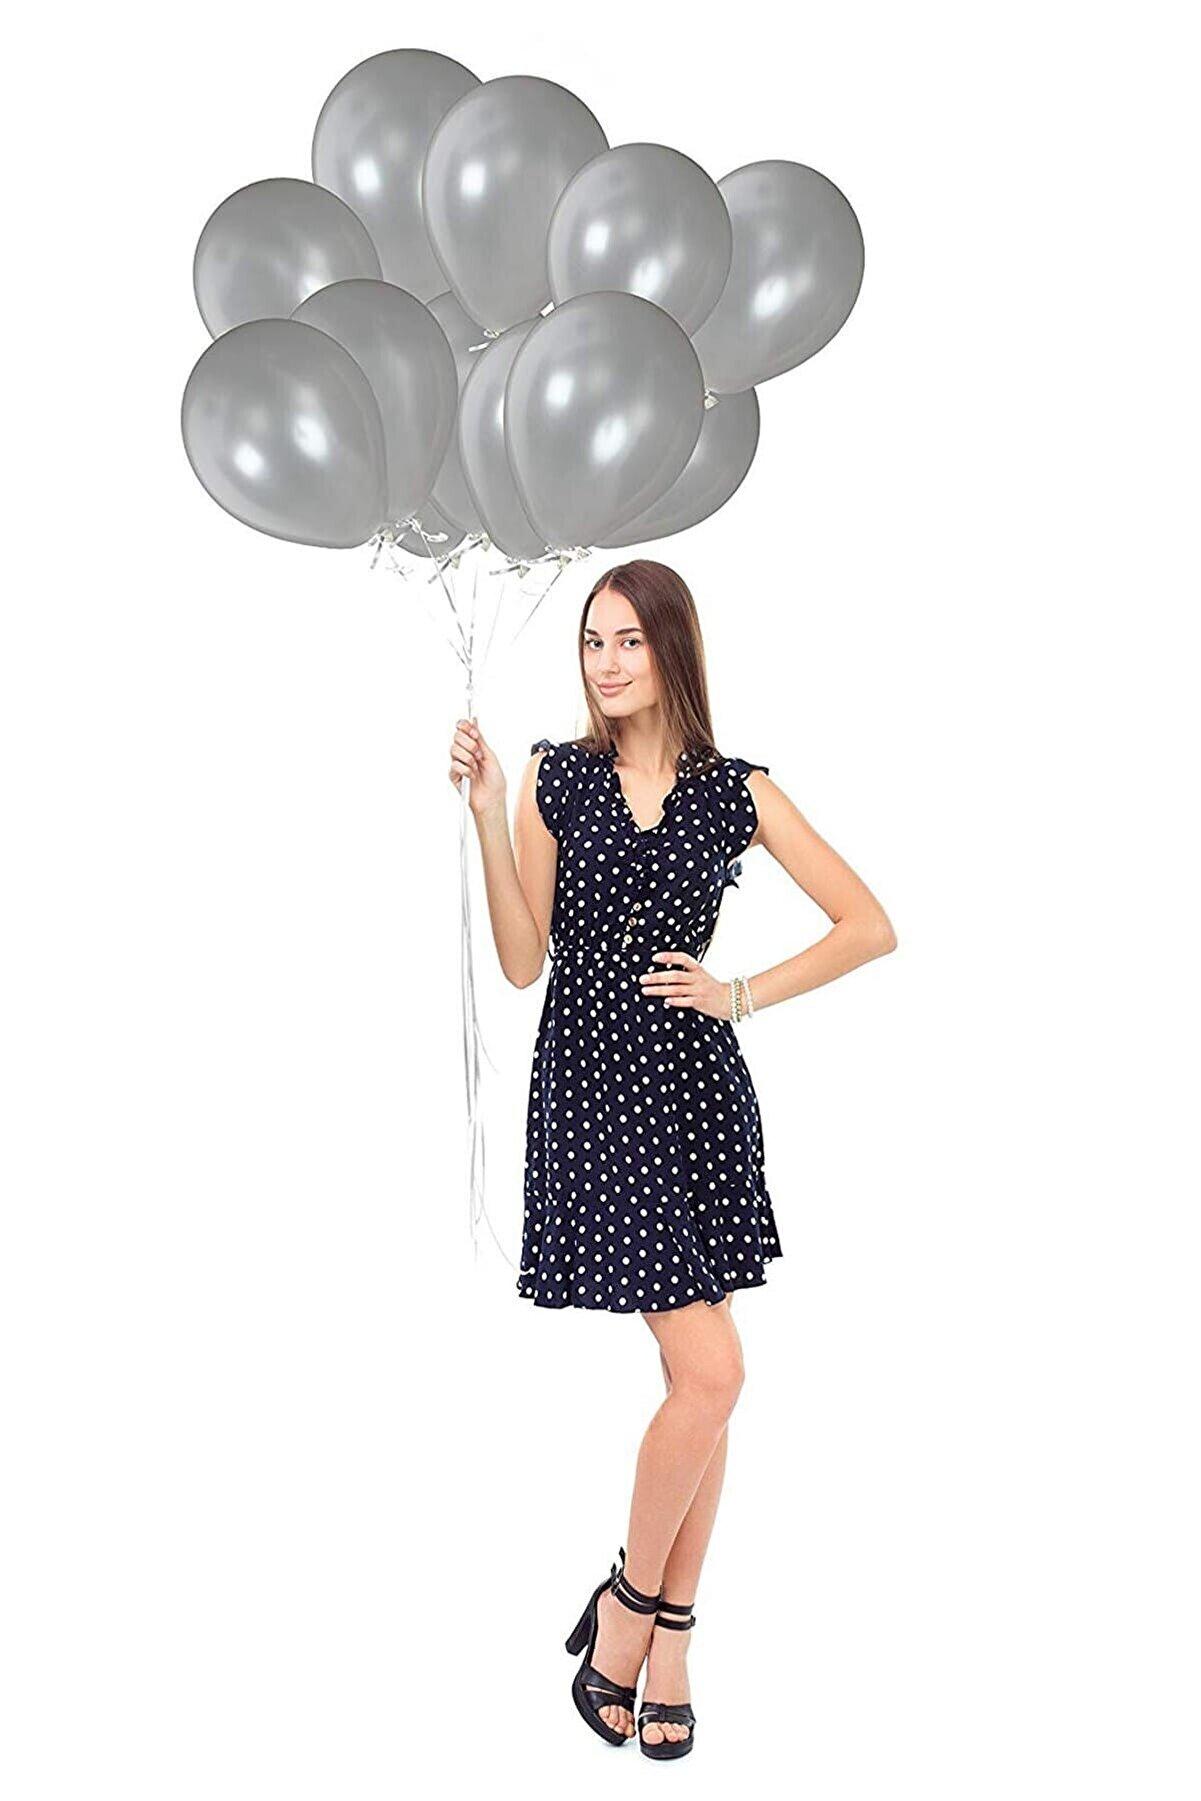 Magic Hobby Gümüş Gri Renk Metalik Balon 30 Adet ( 30'lu Paket)